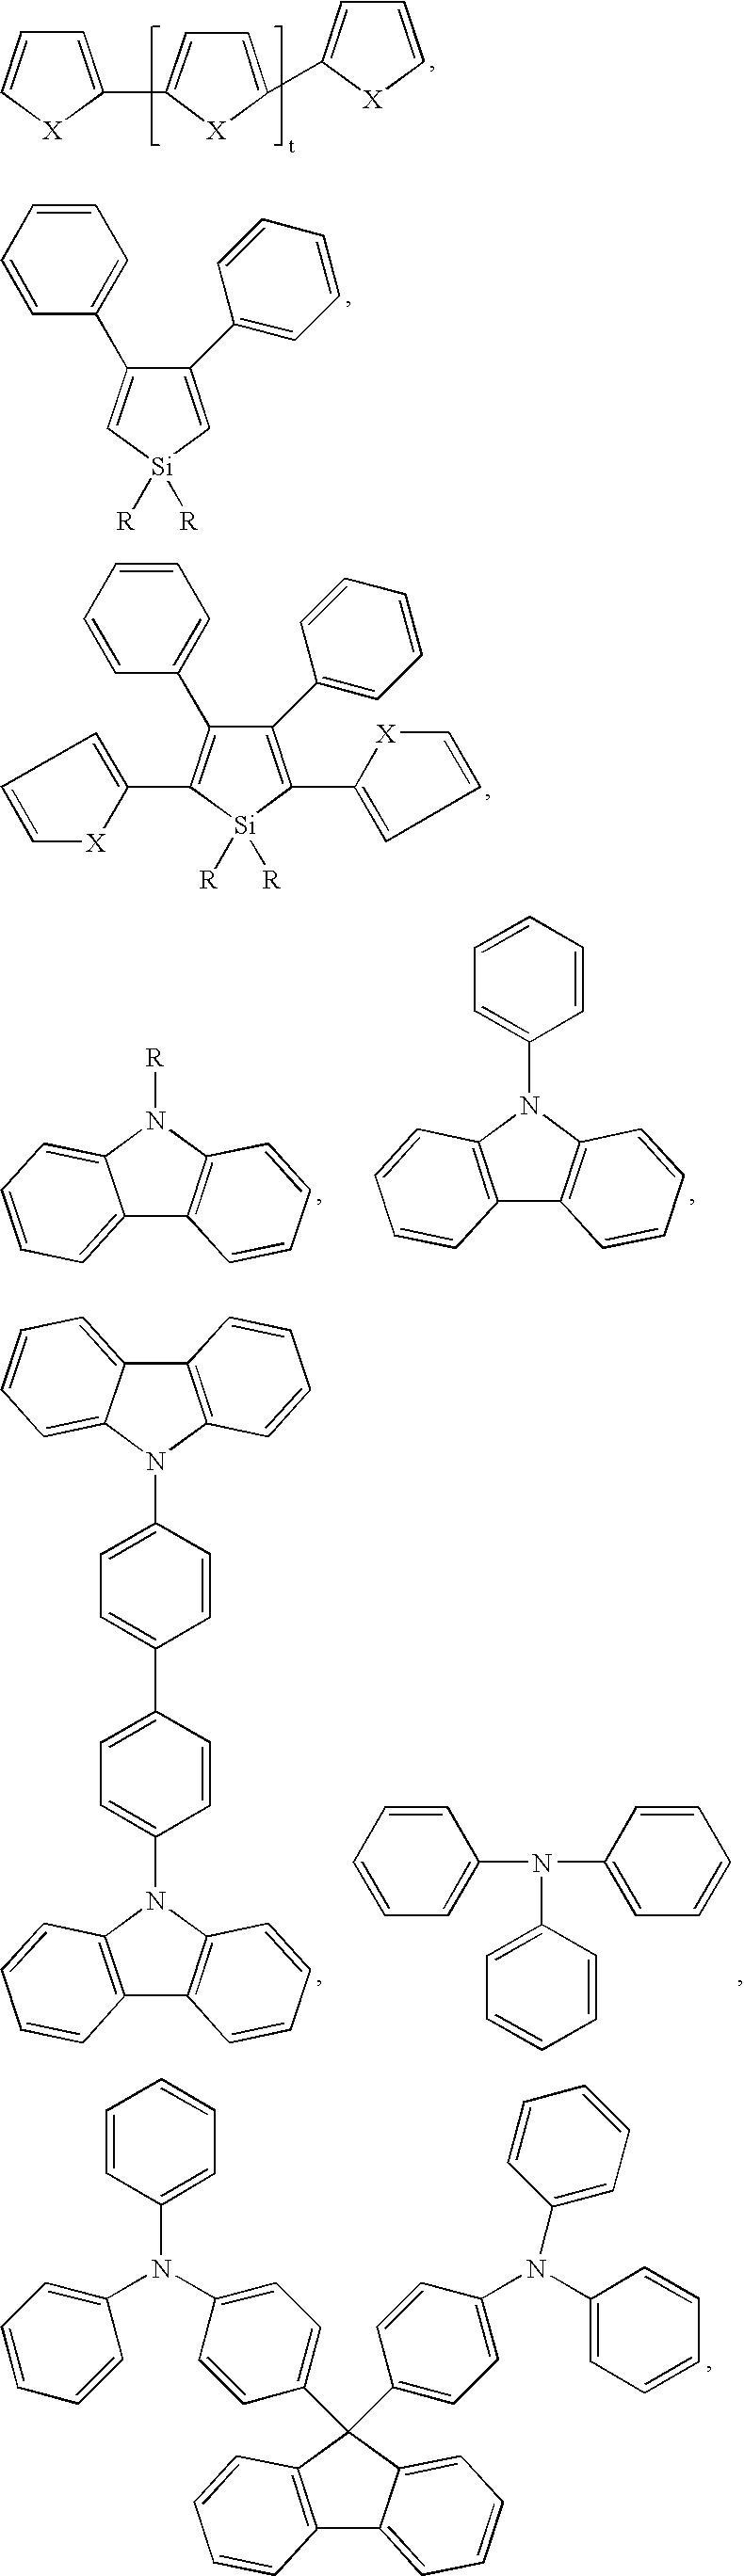 Figure US07192657-20070320-C00026